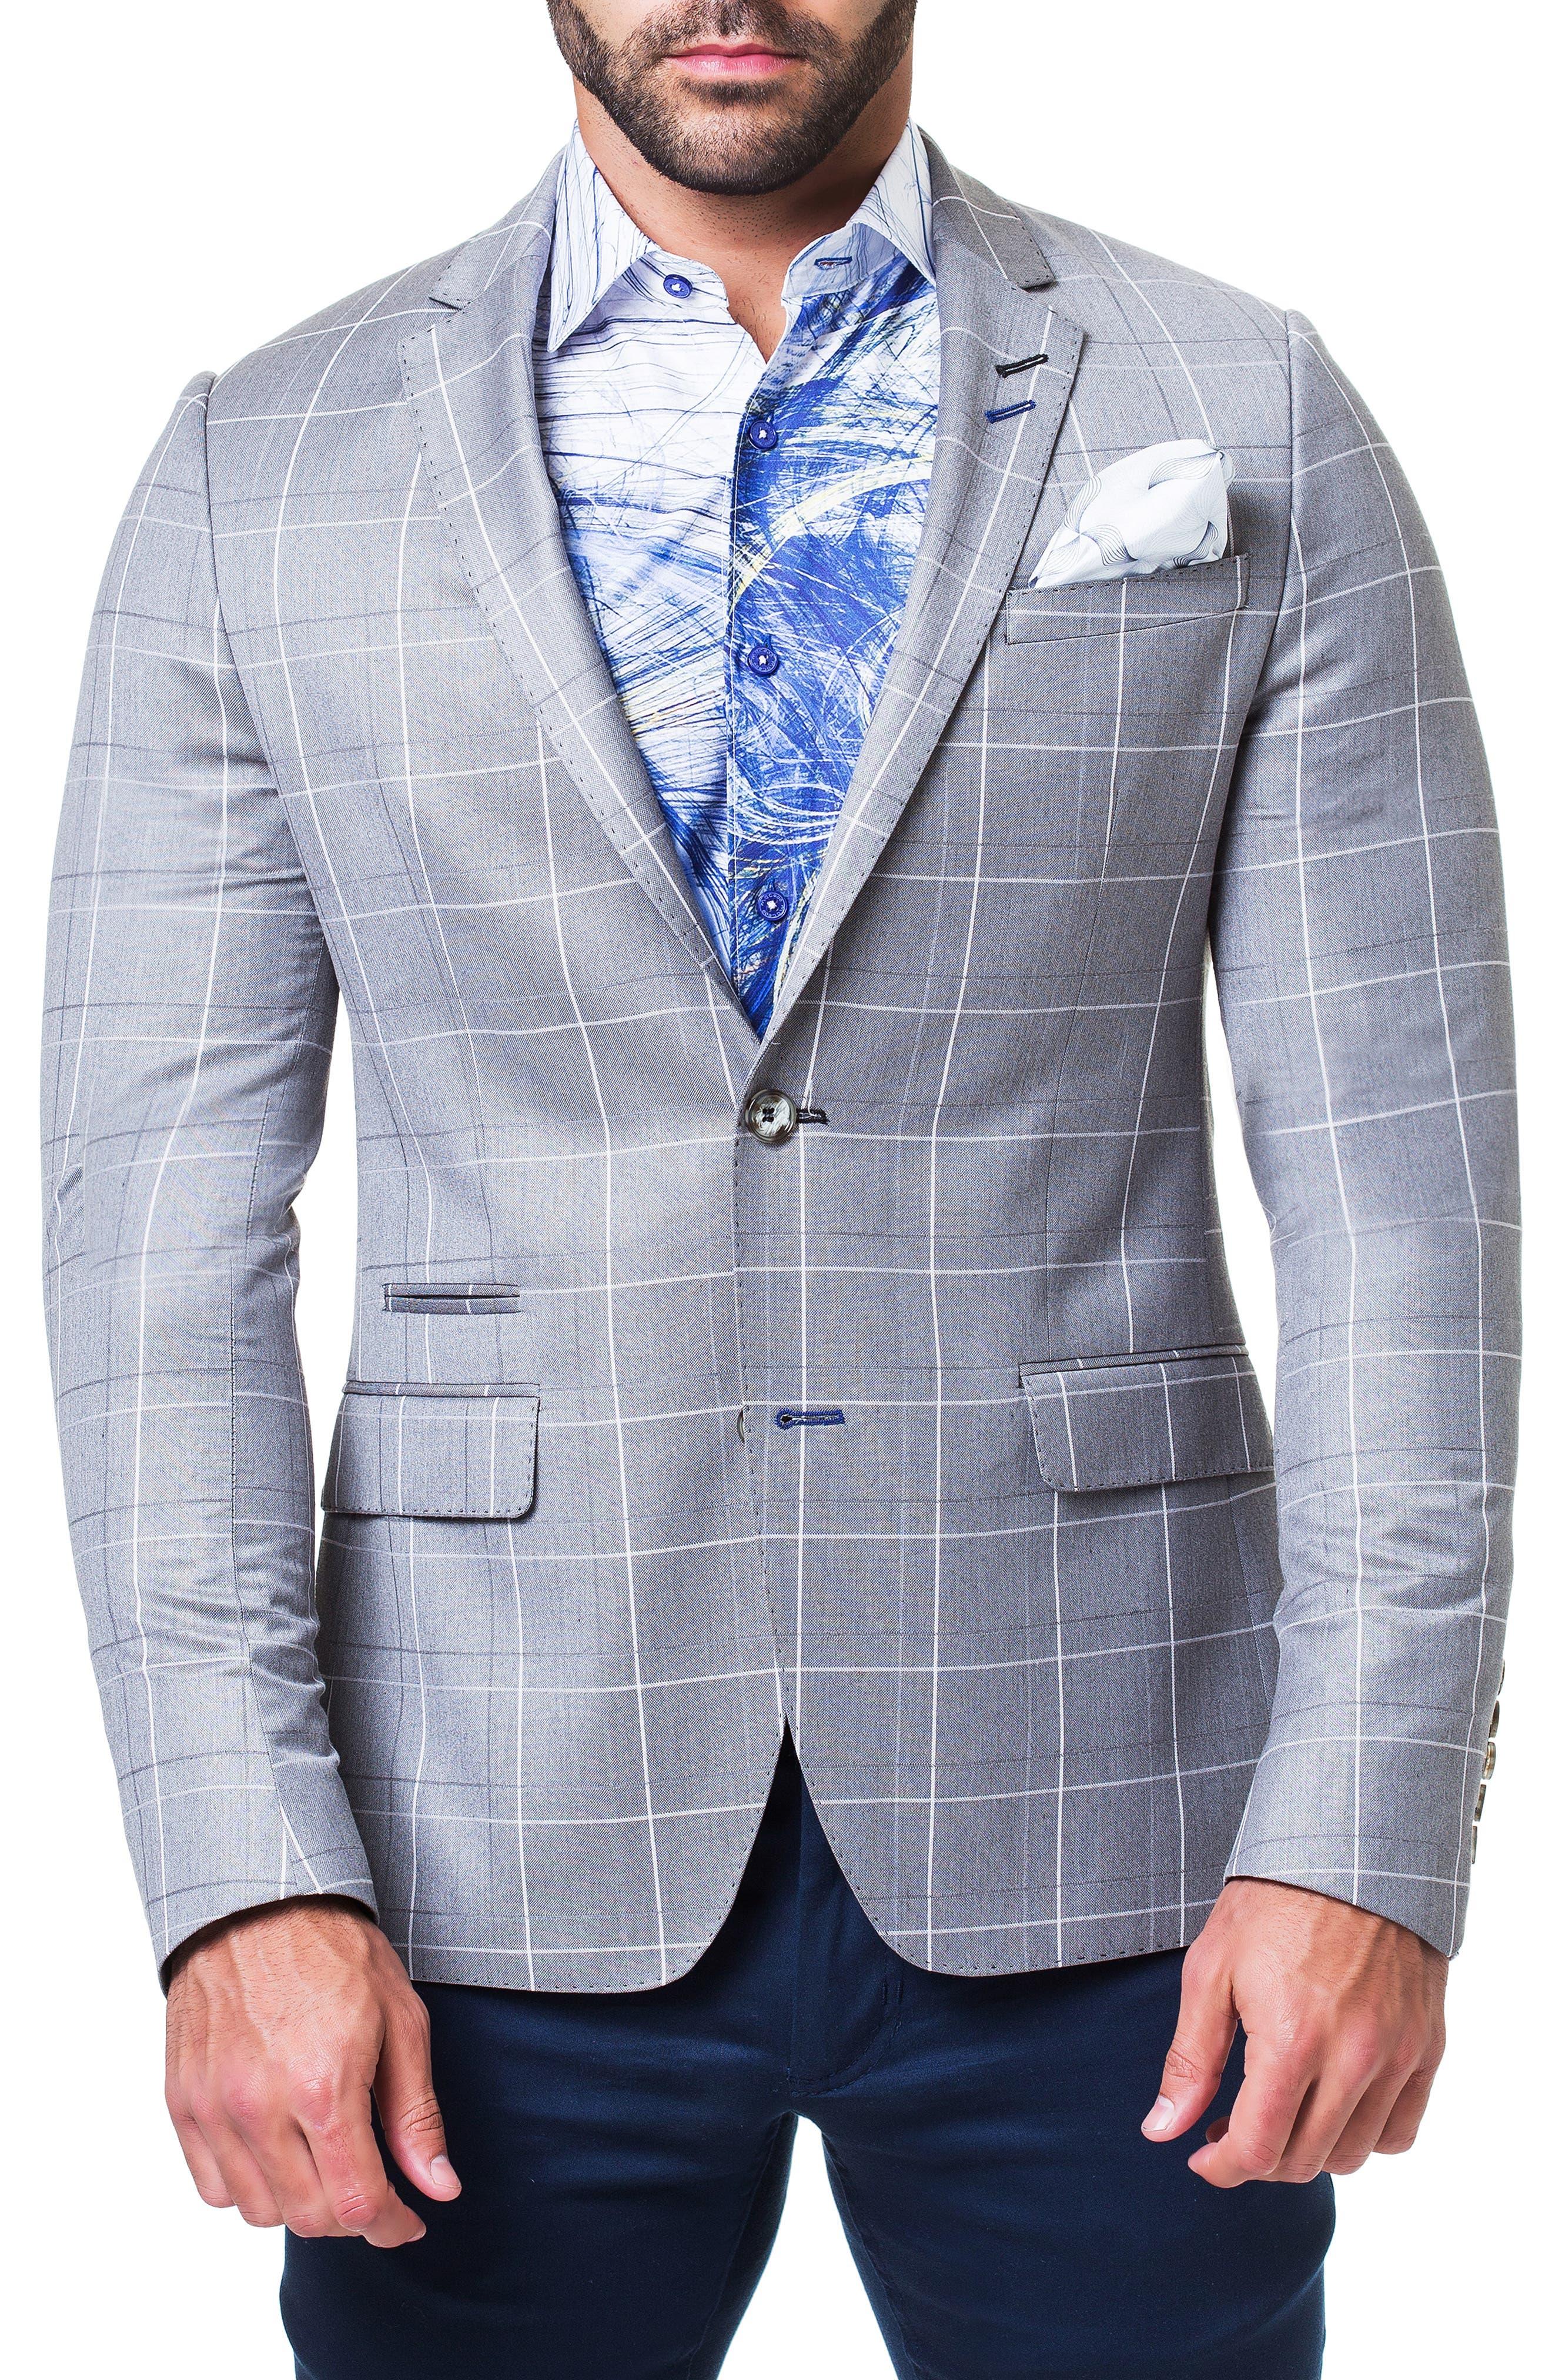 MACEOO Socrate Strip Sport Coat in Grey